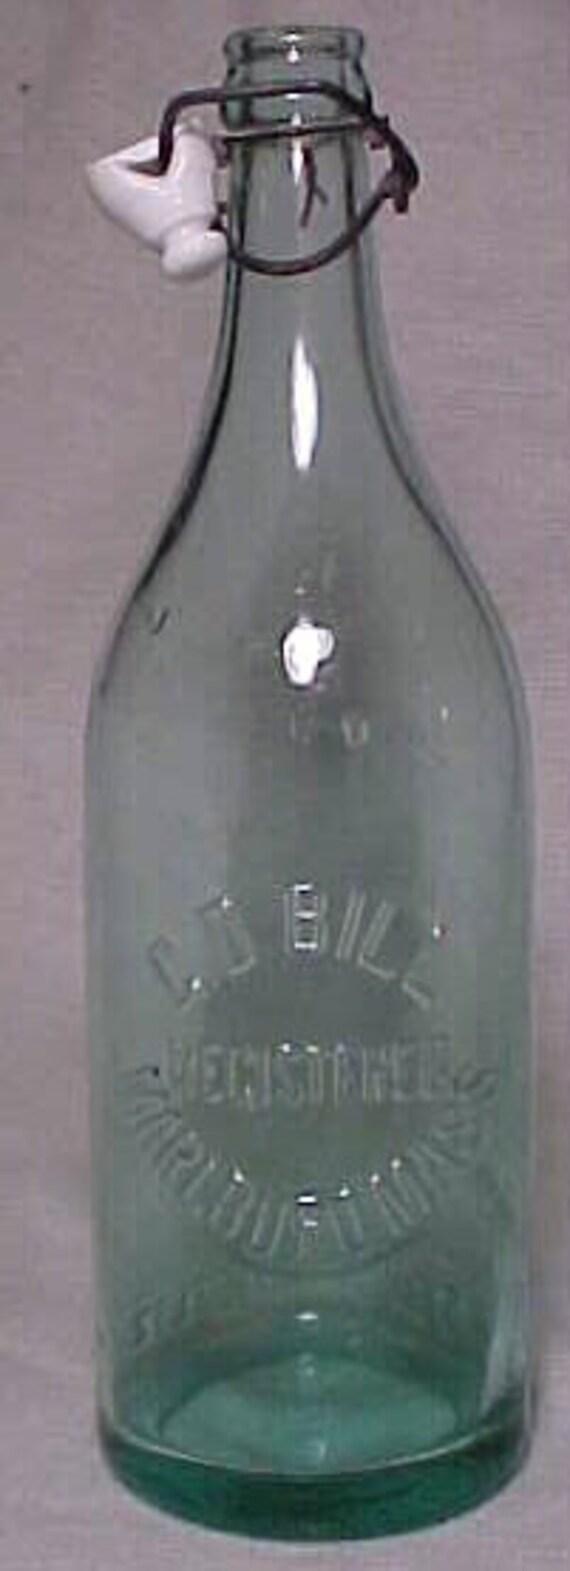 1922 G. D. Bill Marlboro, Mass., Aqua Crown Top 28 Ounce Soda Bottle